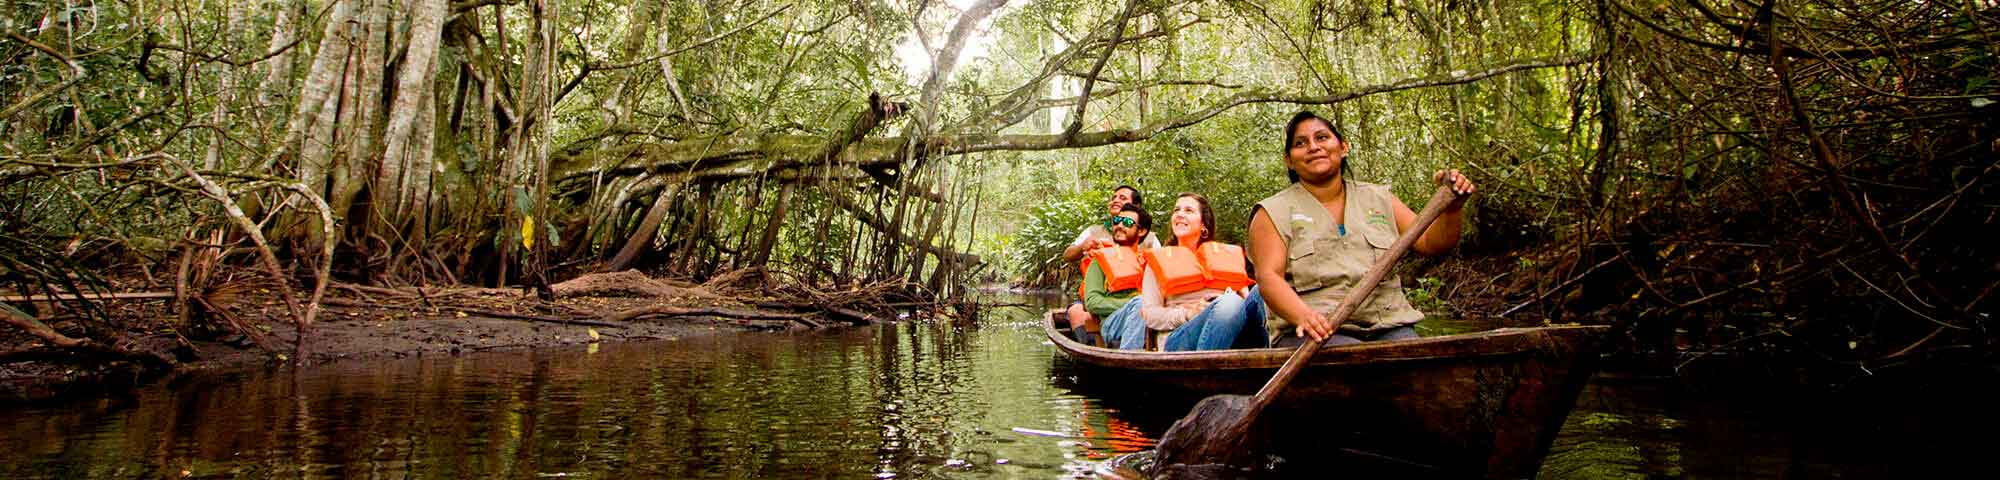 Reserva ecológica de Santa Elena